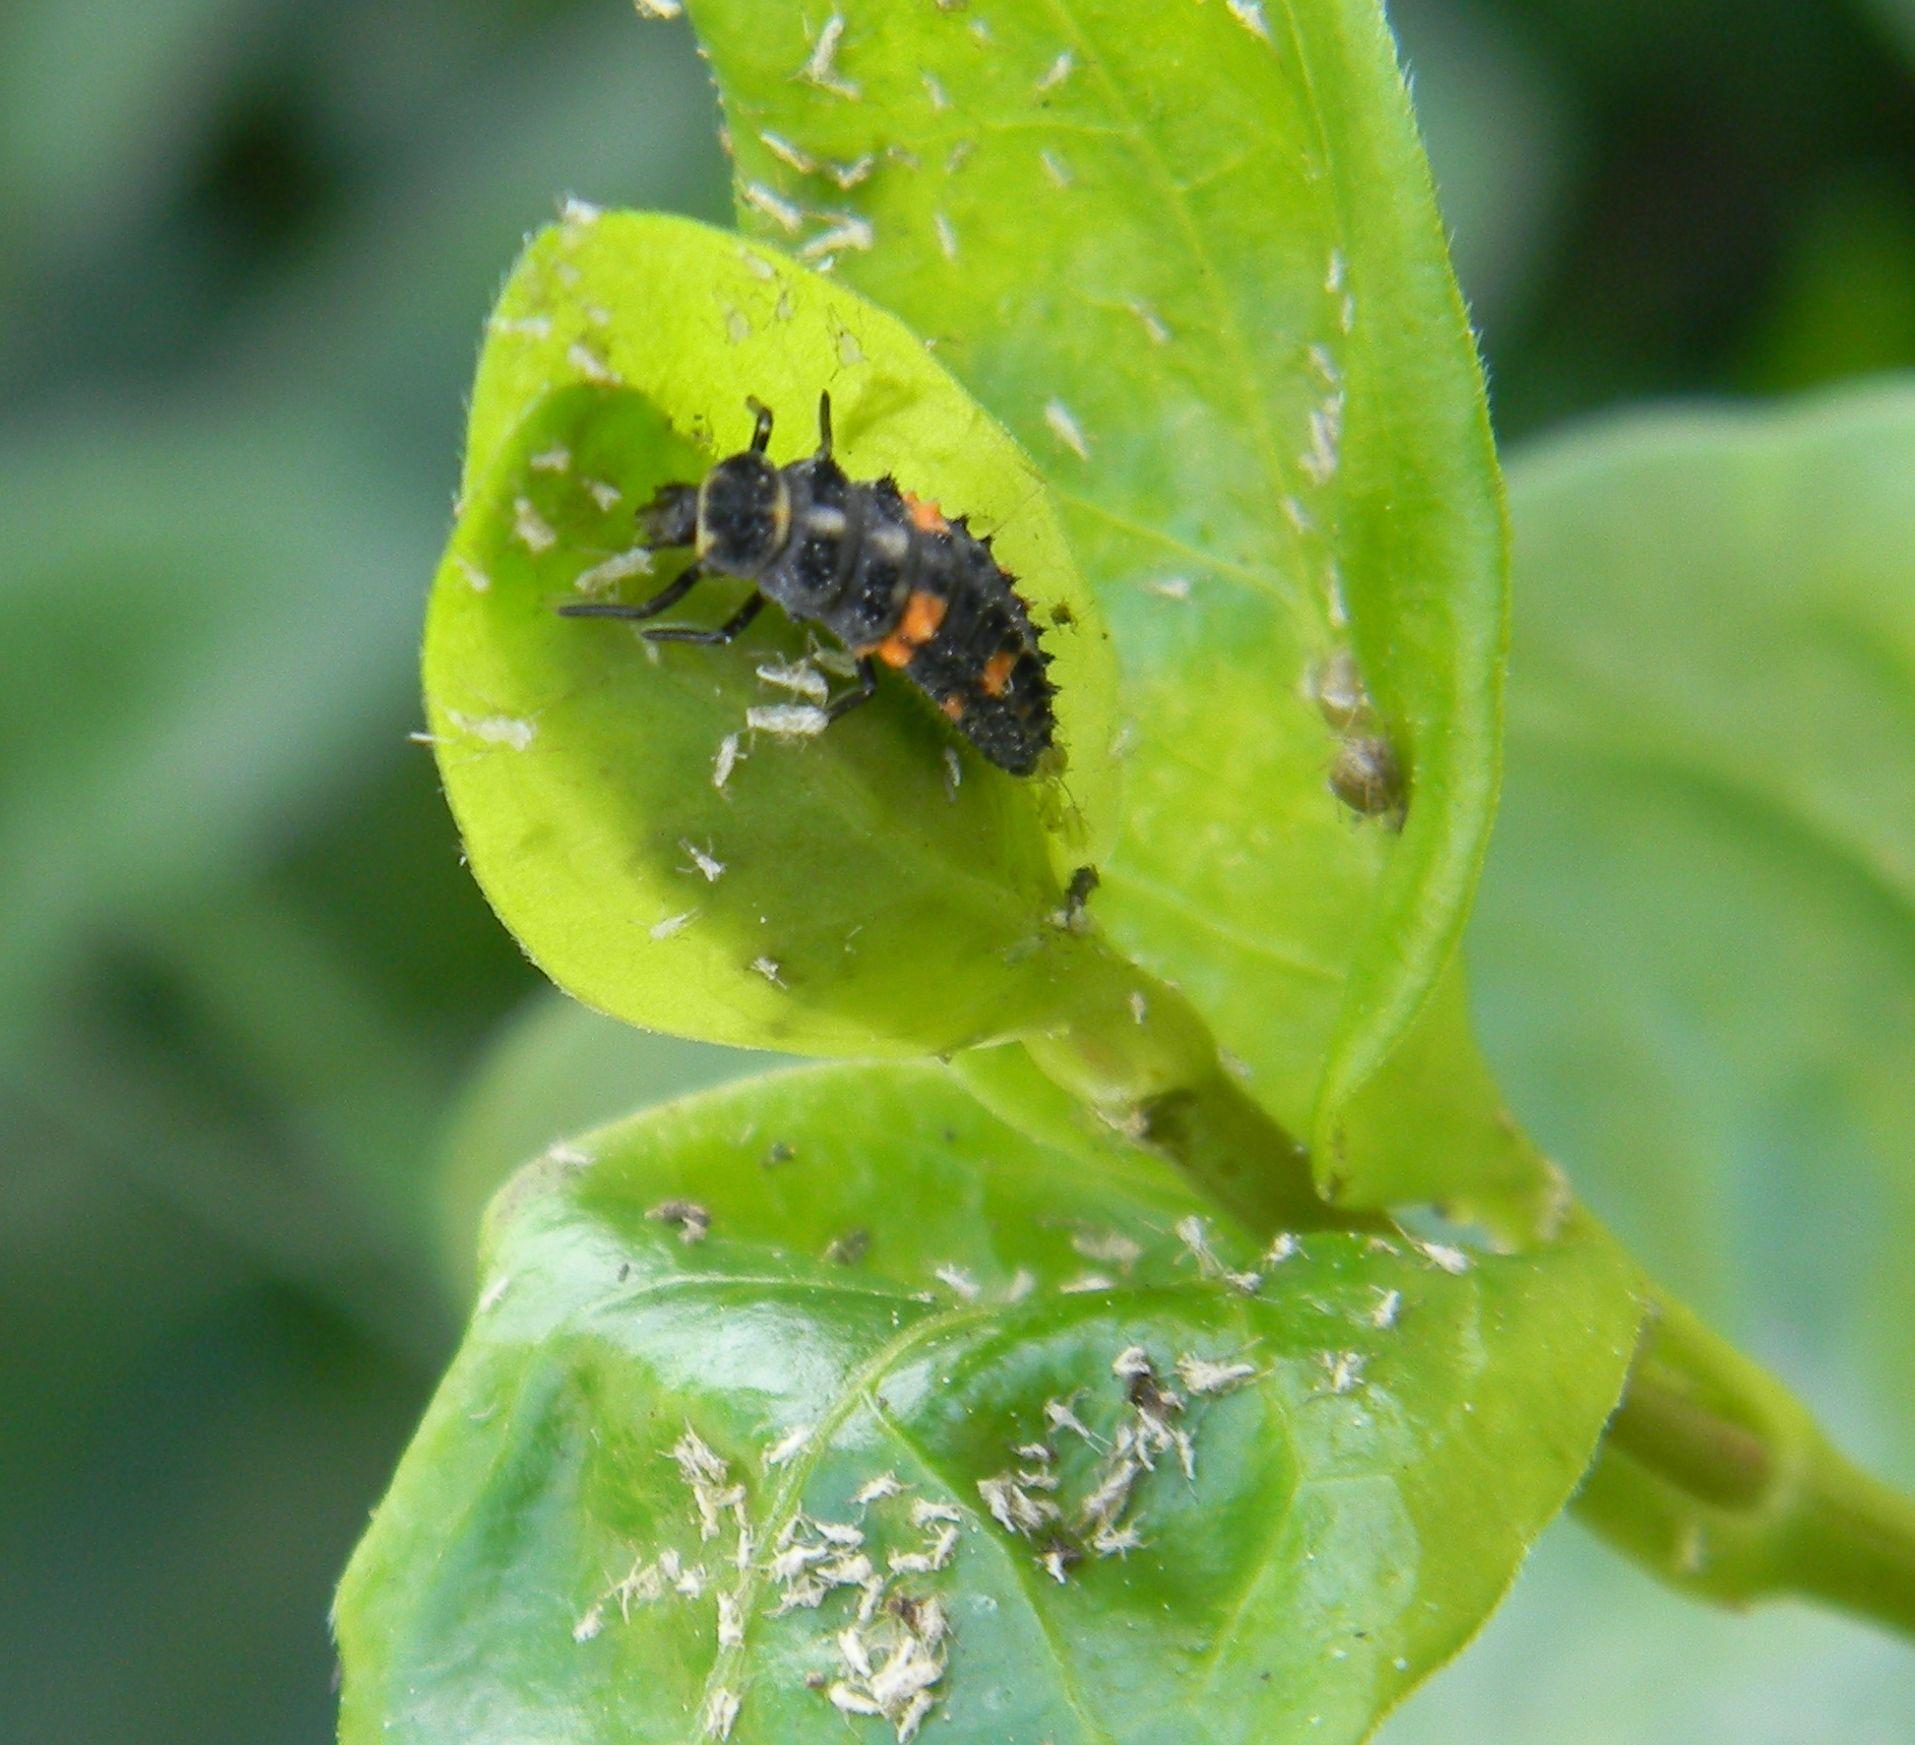 Ladybug Larvae Feeding On Apids On This Vinca Major Perrywinkle